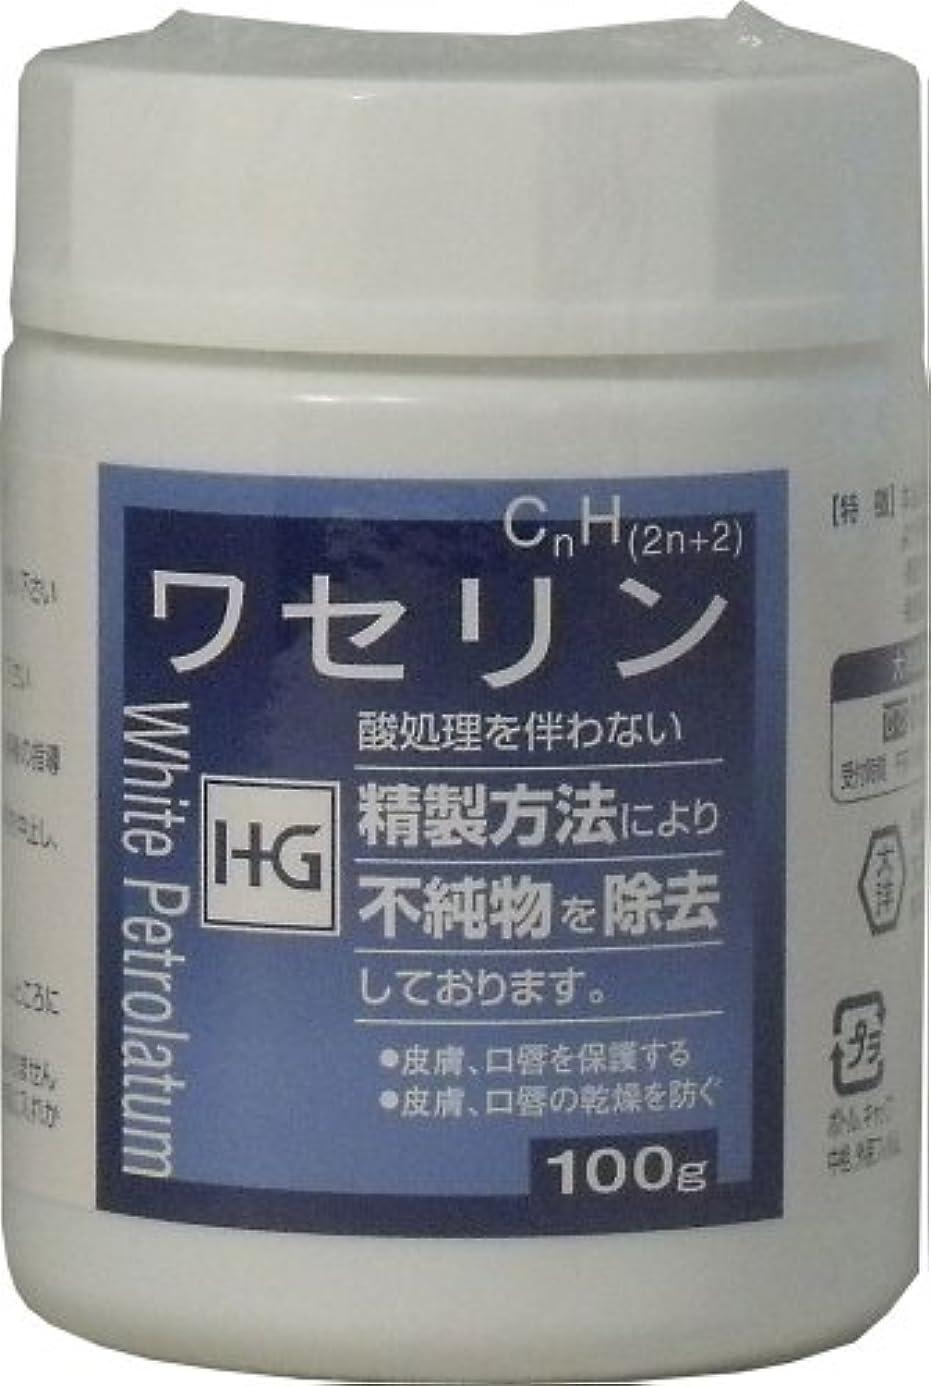 チーフ機械別々に皮膚保護 ワセリンHG 100g ×10個セット